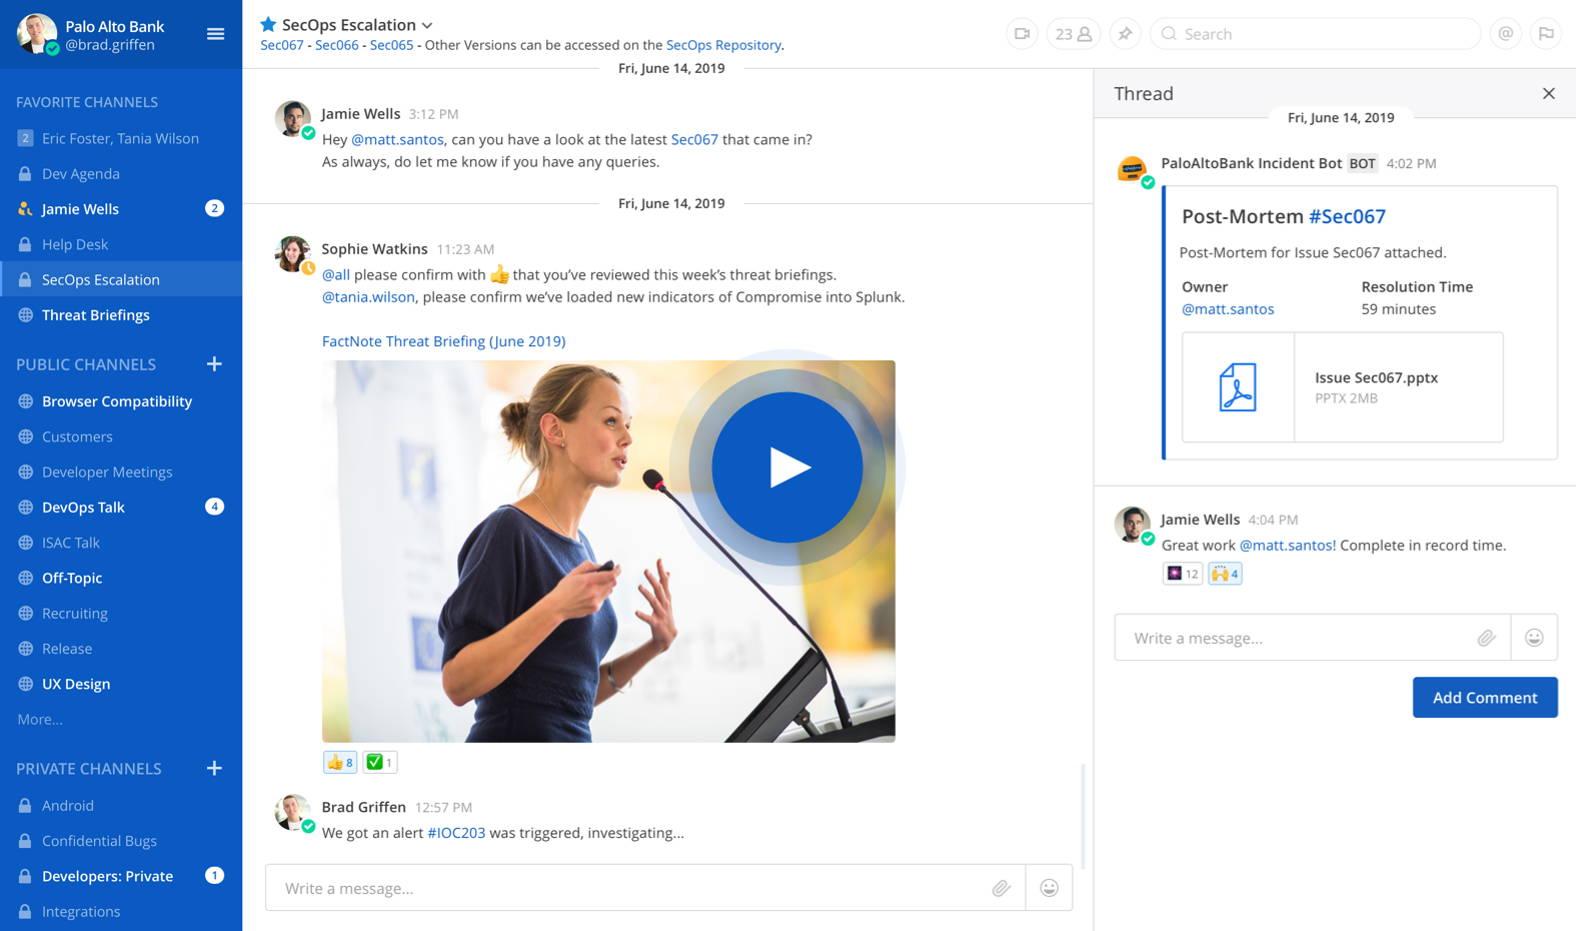 أفضل بدائل Slack على نظام لينكس لبيئات العمل وتنظيم العمل 1